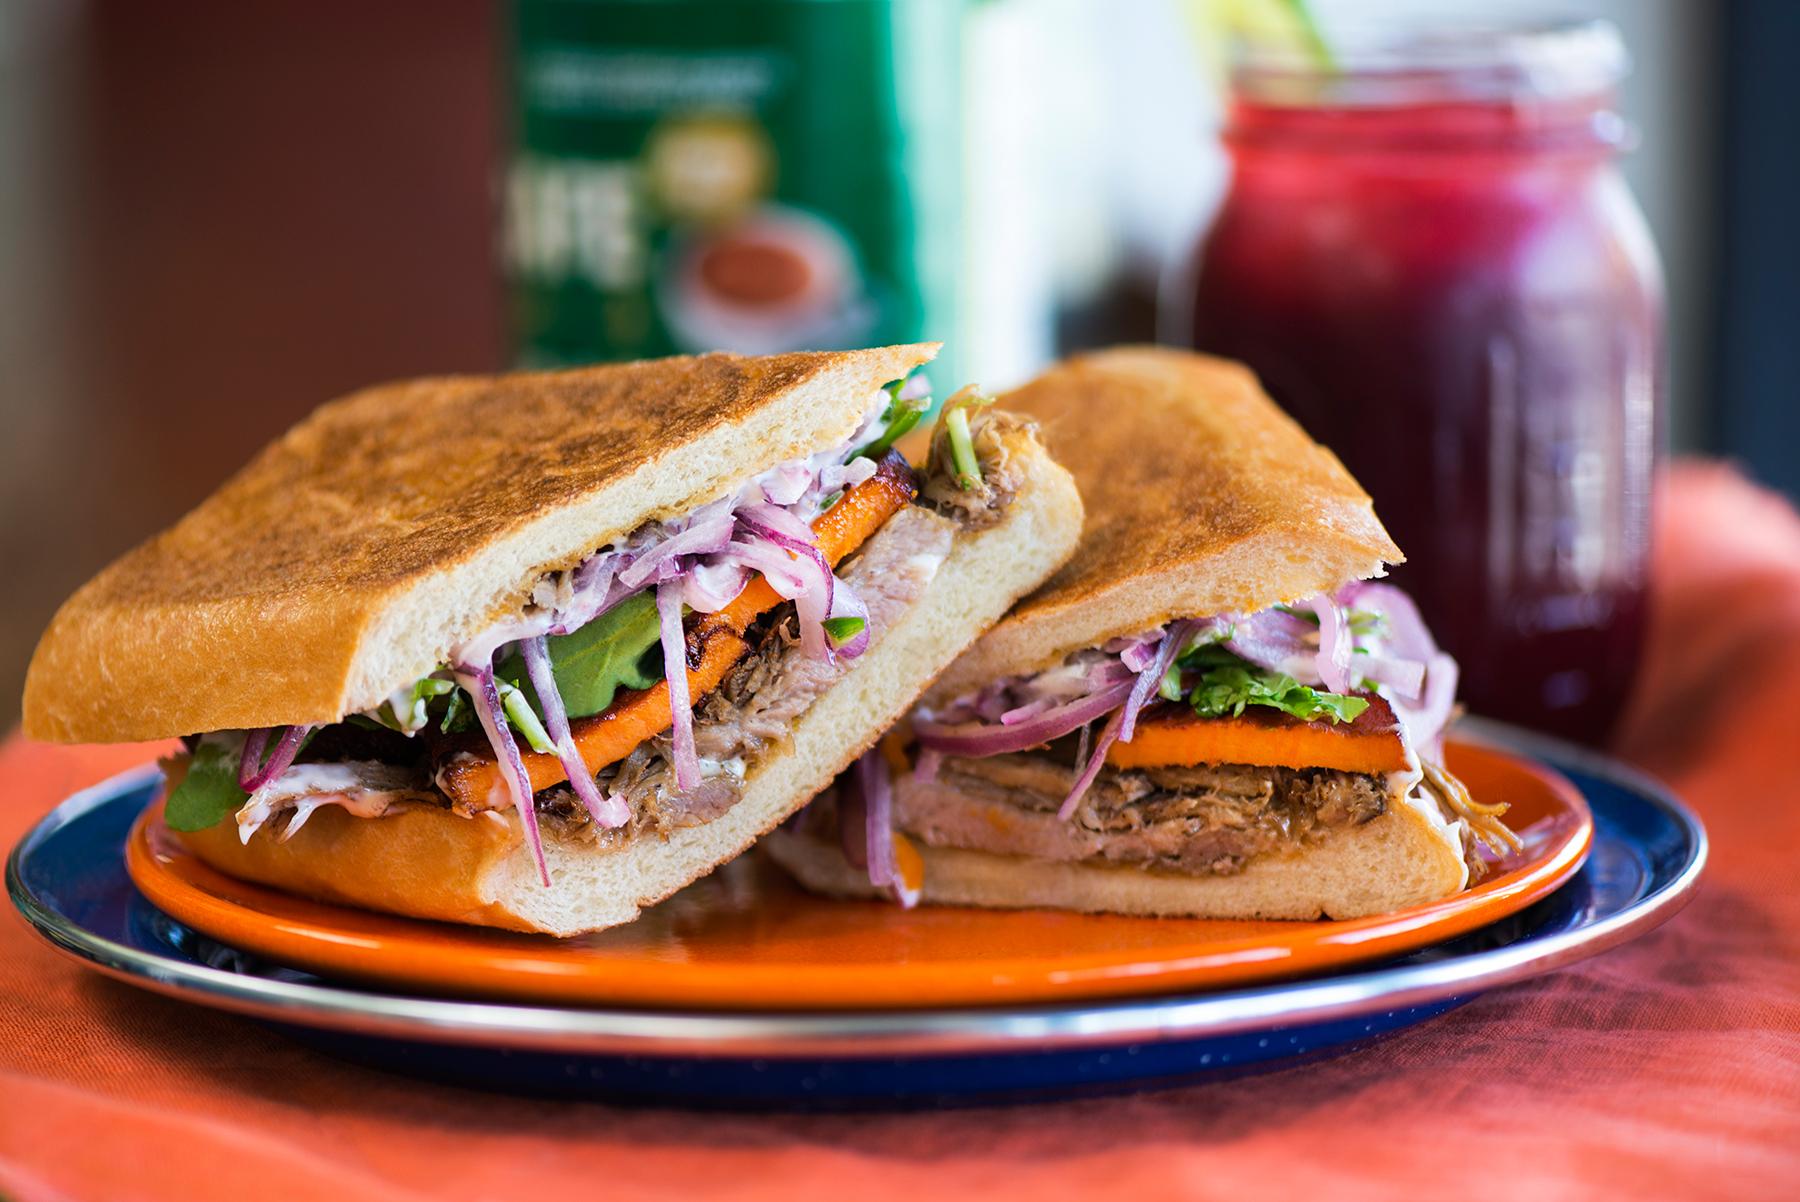 Sanguches/Sandwiches